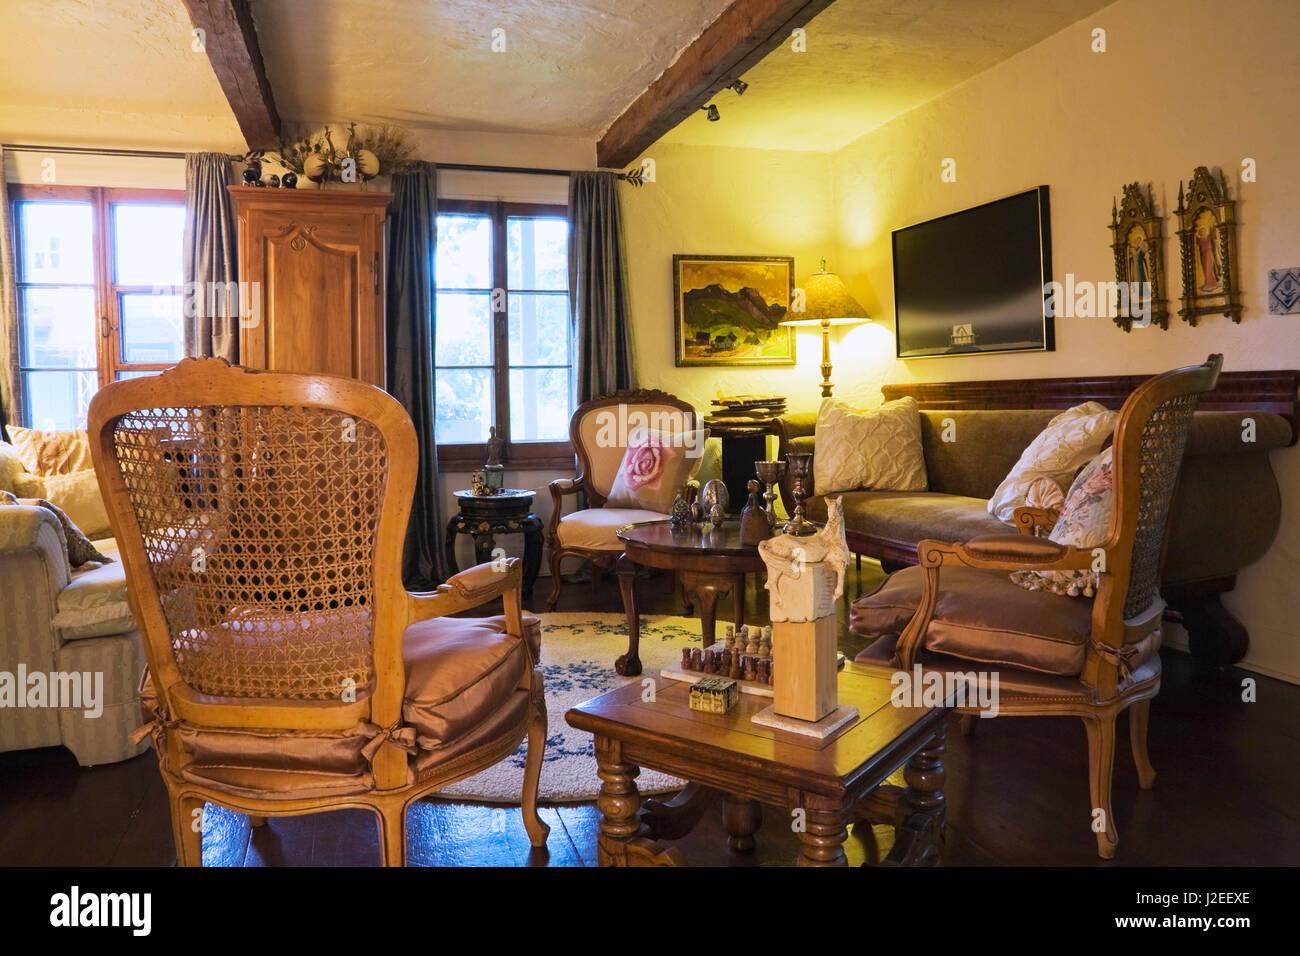 Antike Holzerne Raster Hohen Stuhlen Und Beige Und Braune Sofas Im Wohnzimmer In Einem Alten Landhaus Wohnhaus 1809 Stockfotografie Alamy